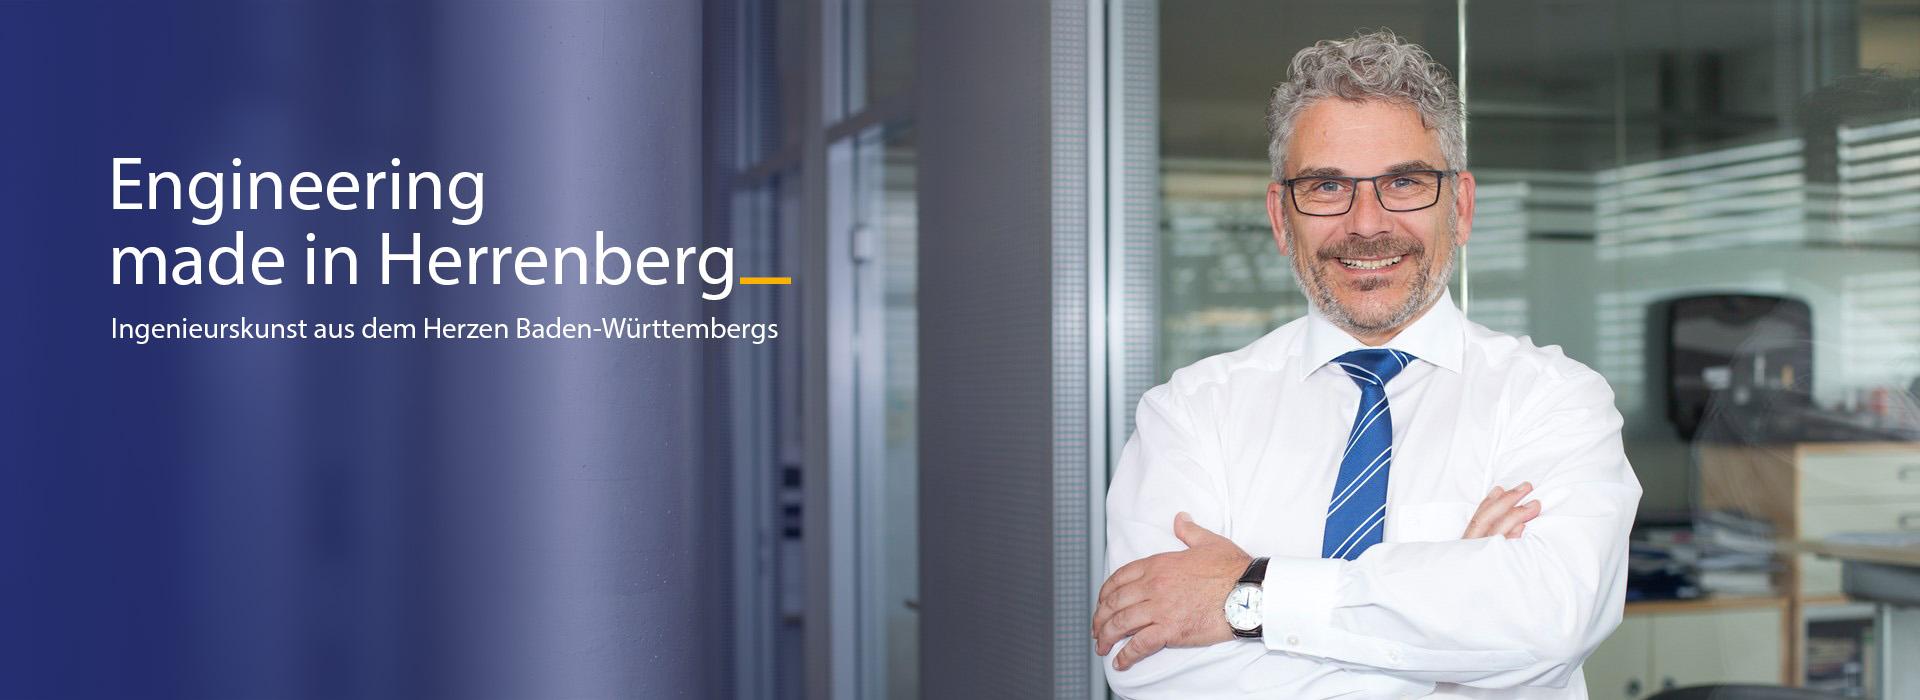 areus-engineering-herrenberg-engineering-made-in-herrenberg